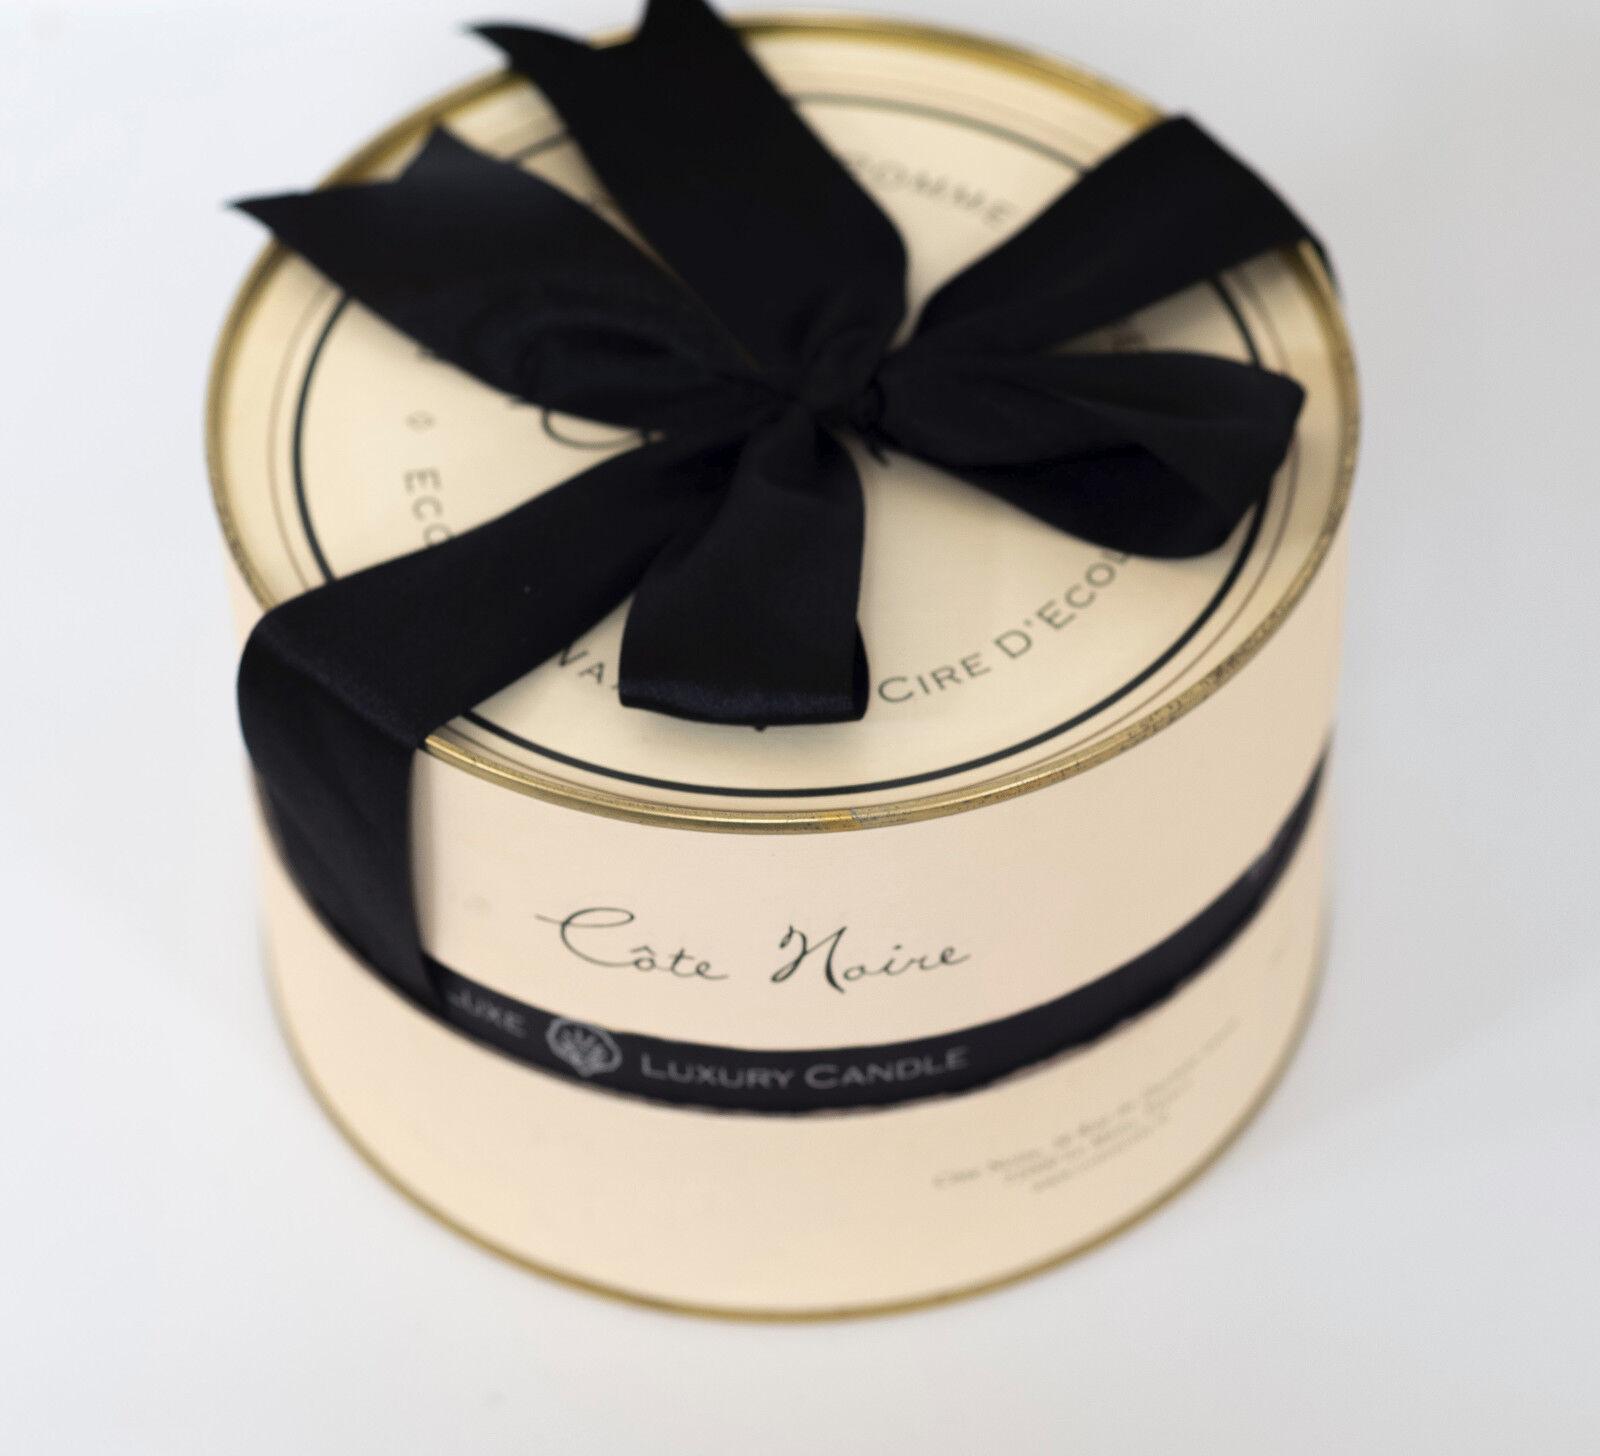 Côte schwarze Wachskerze Wachskerze Wachskerze  Pomme d`Amber  im Glas mit 3 Dochten Cote schwarze | Creative  246486